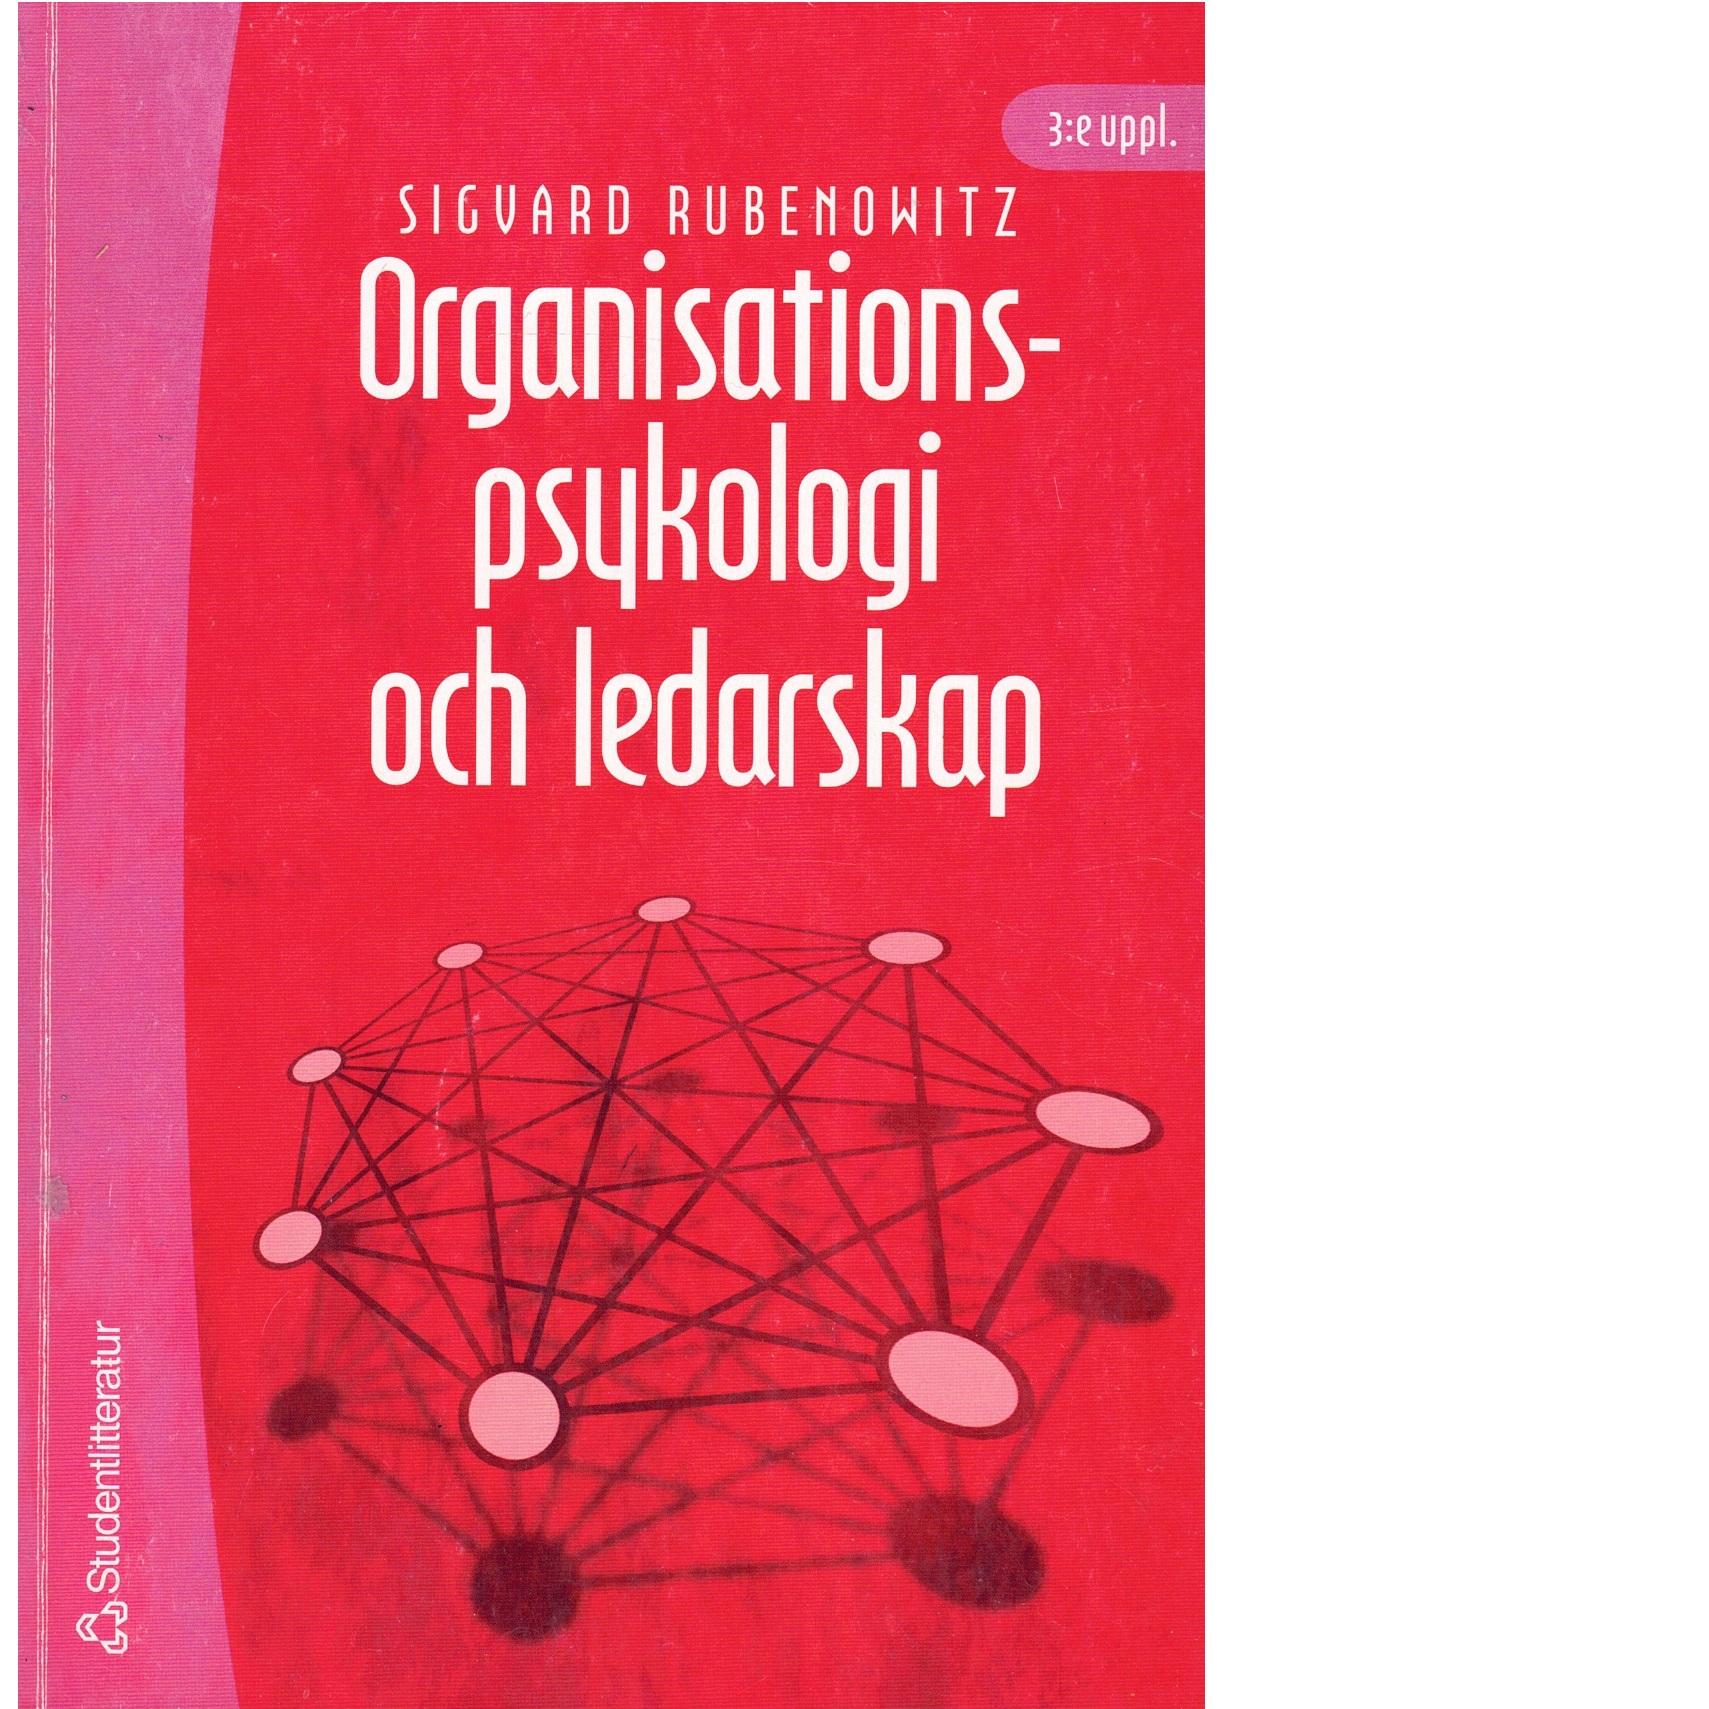 Organisationspsykologi och ledarskap - Rubenowitz, Sigvard